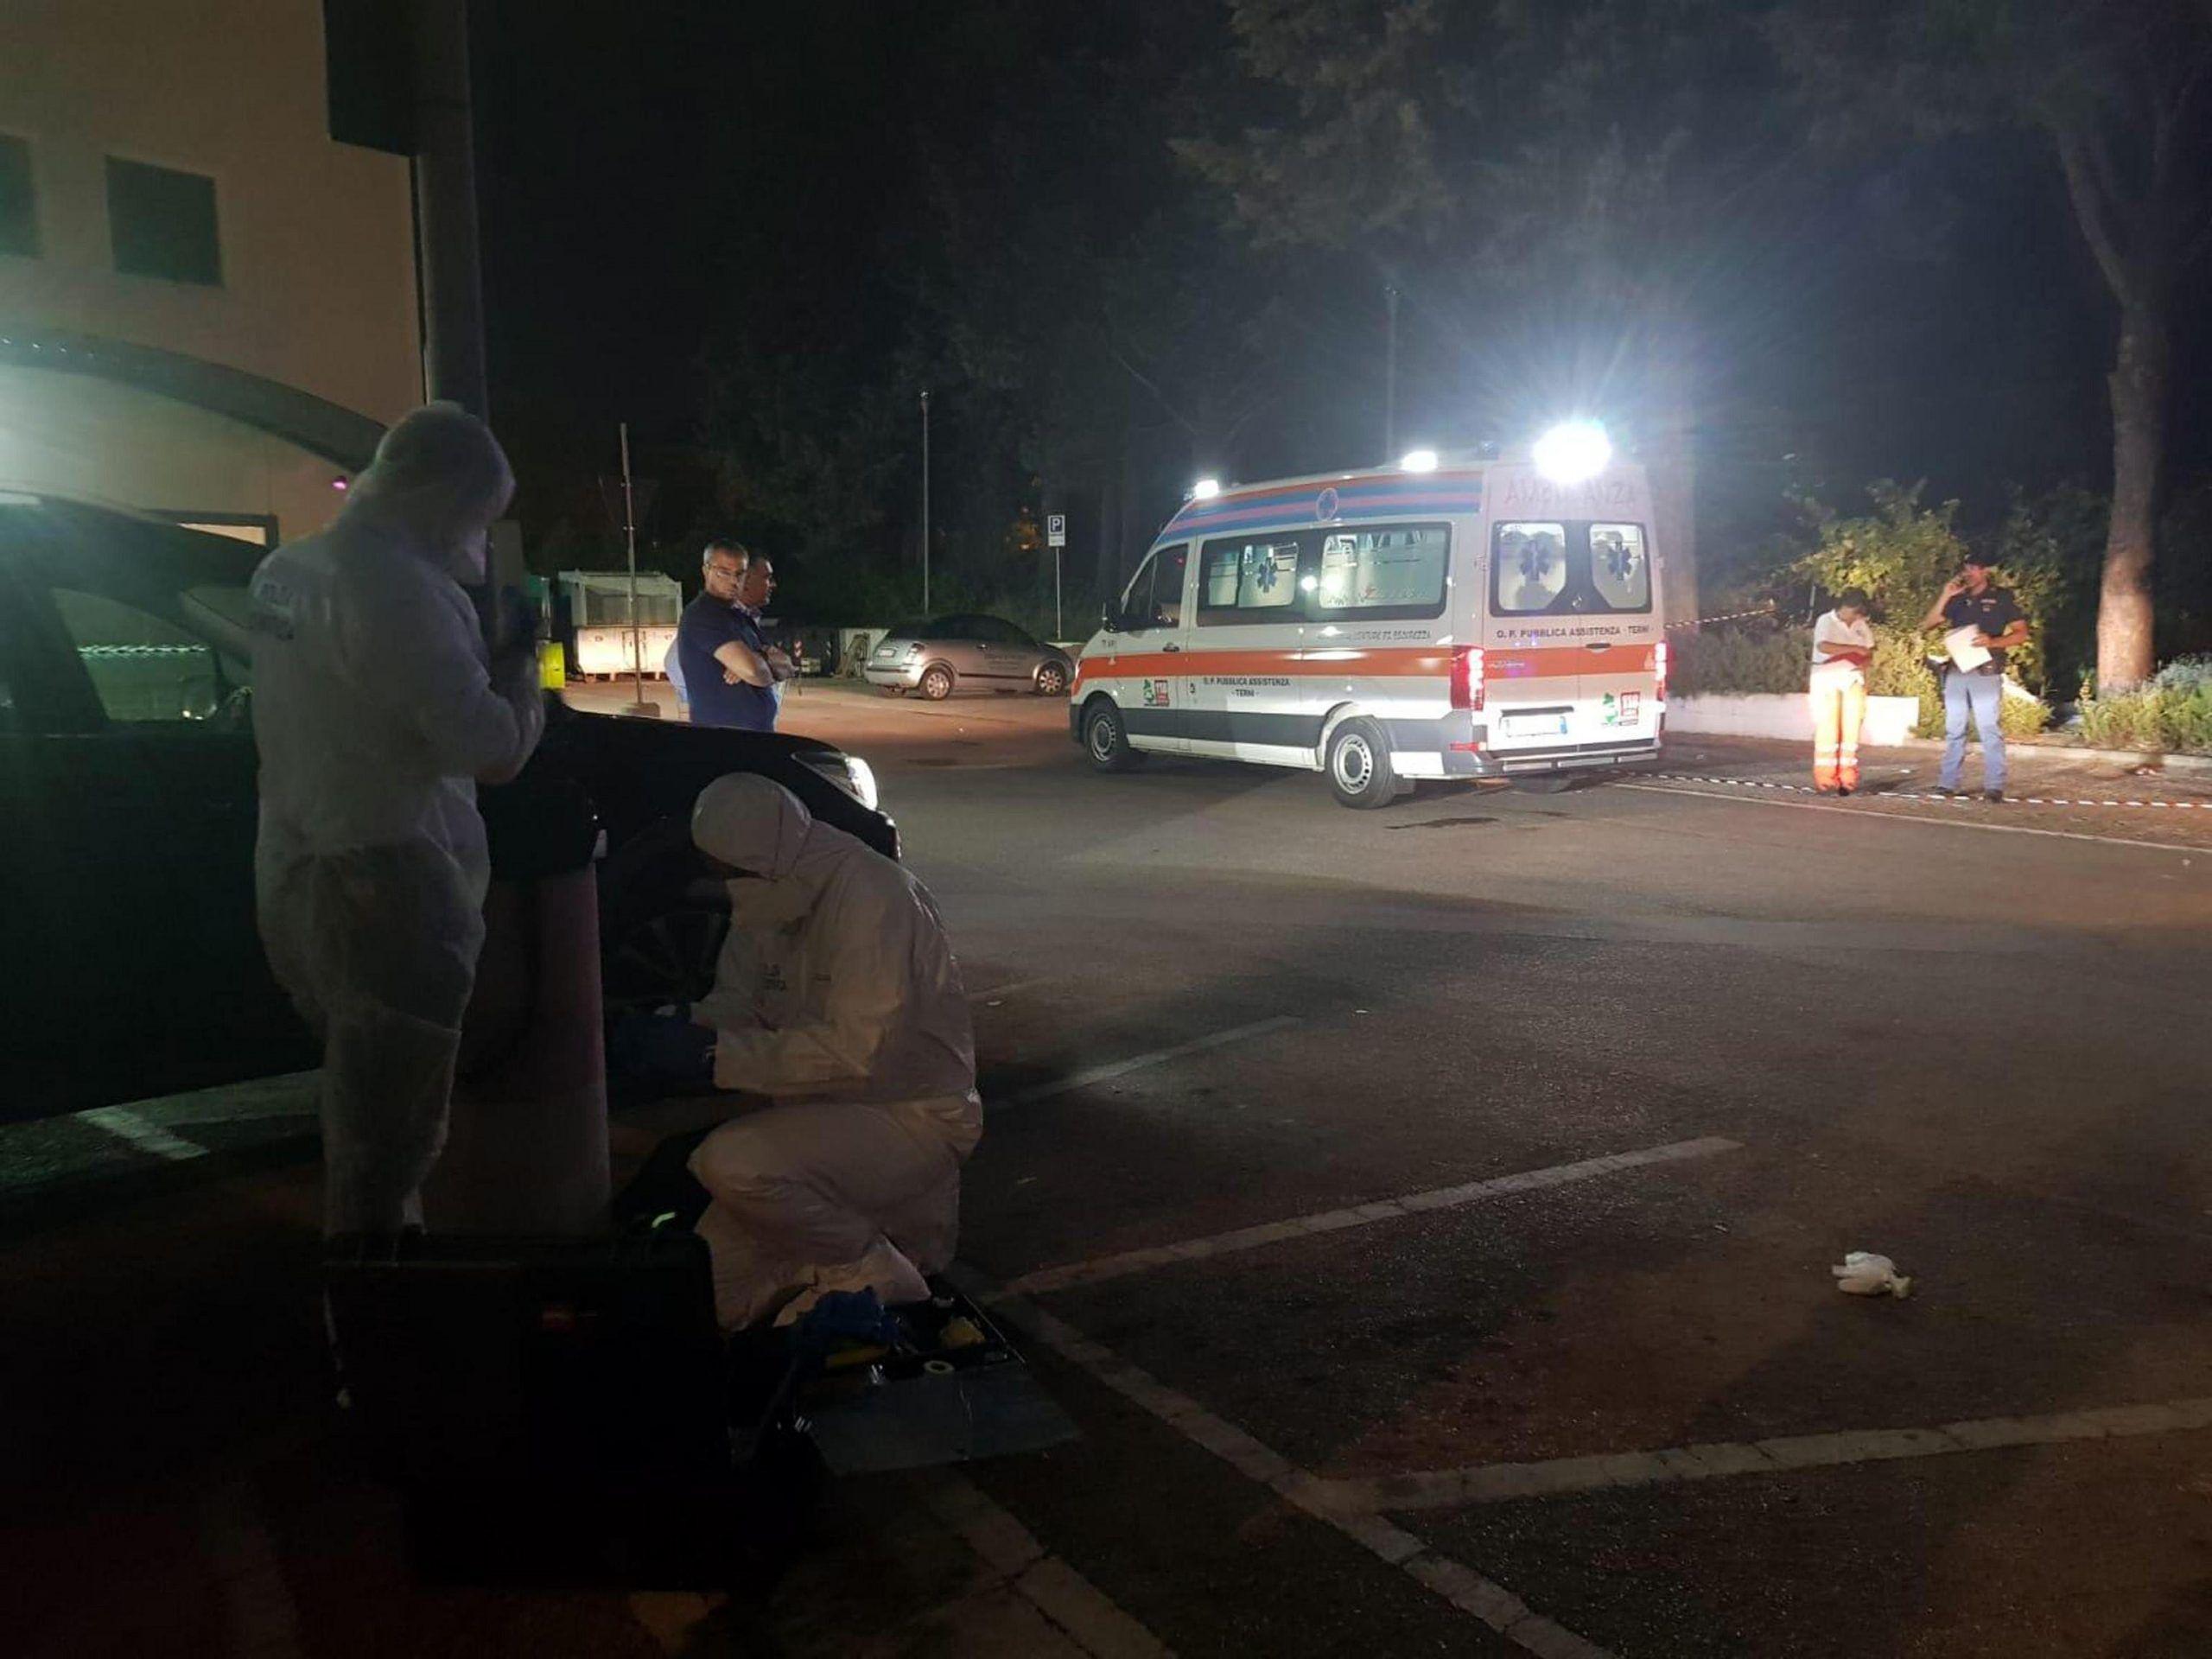 Neonato trovato morto vicino a supermercato Terni